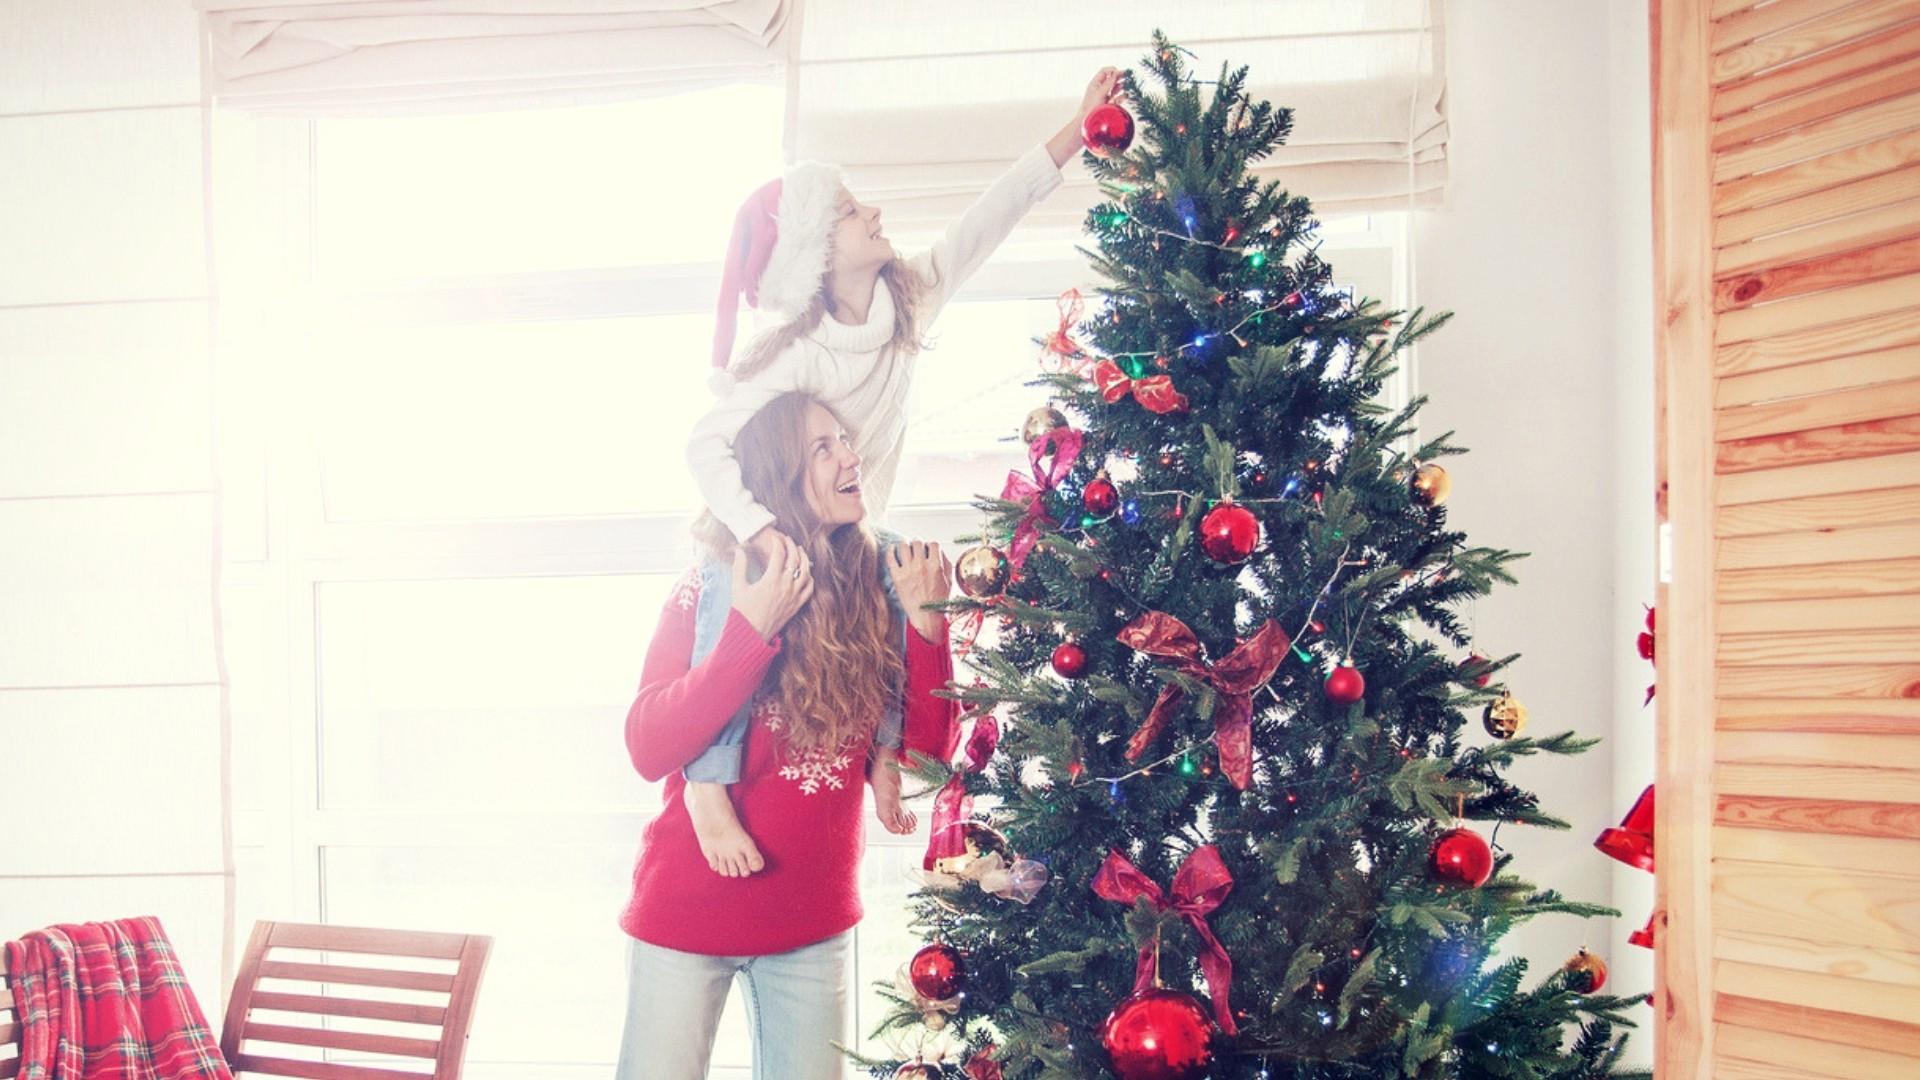 Studie: Wer jetzt schon mit der Weihnachts-Deko anfängt, ist ...